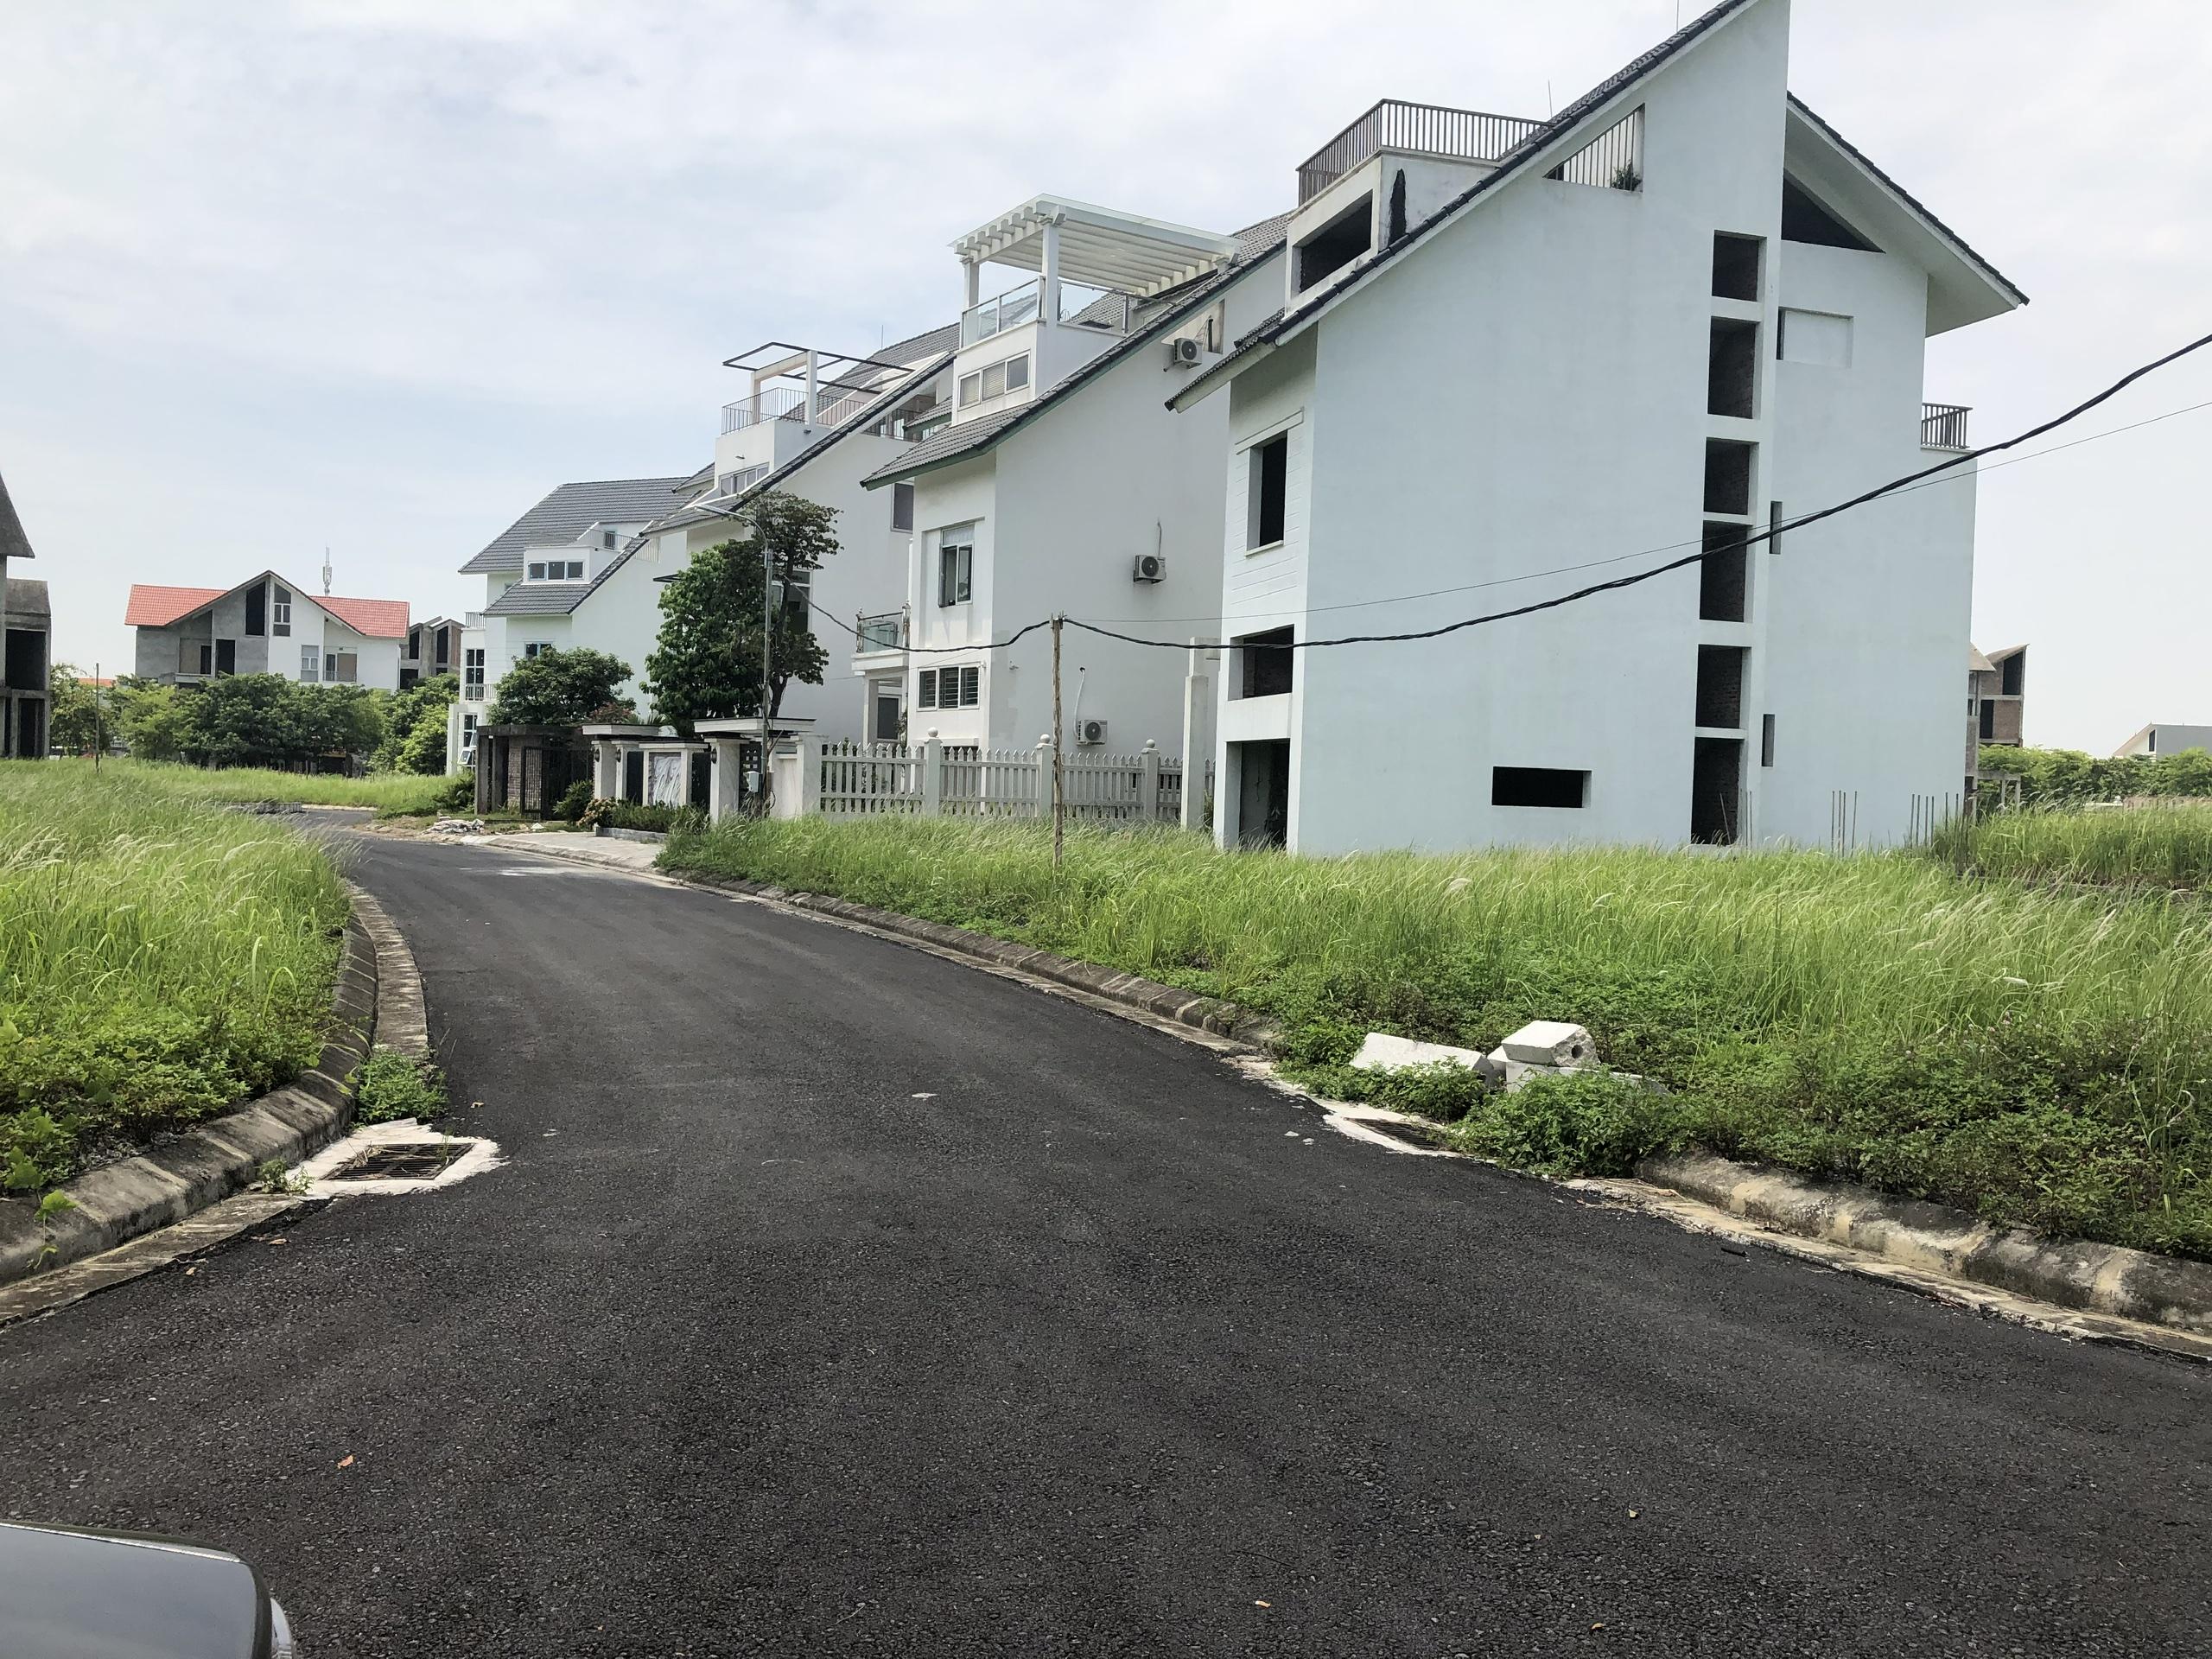 Hình ảnh thực tế Biệt thự Ngôi nhà mới